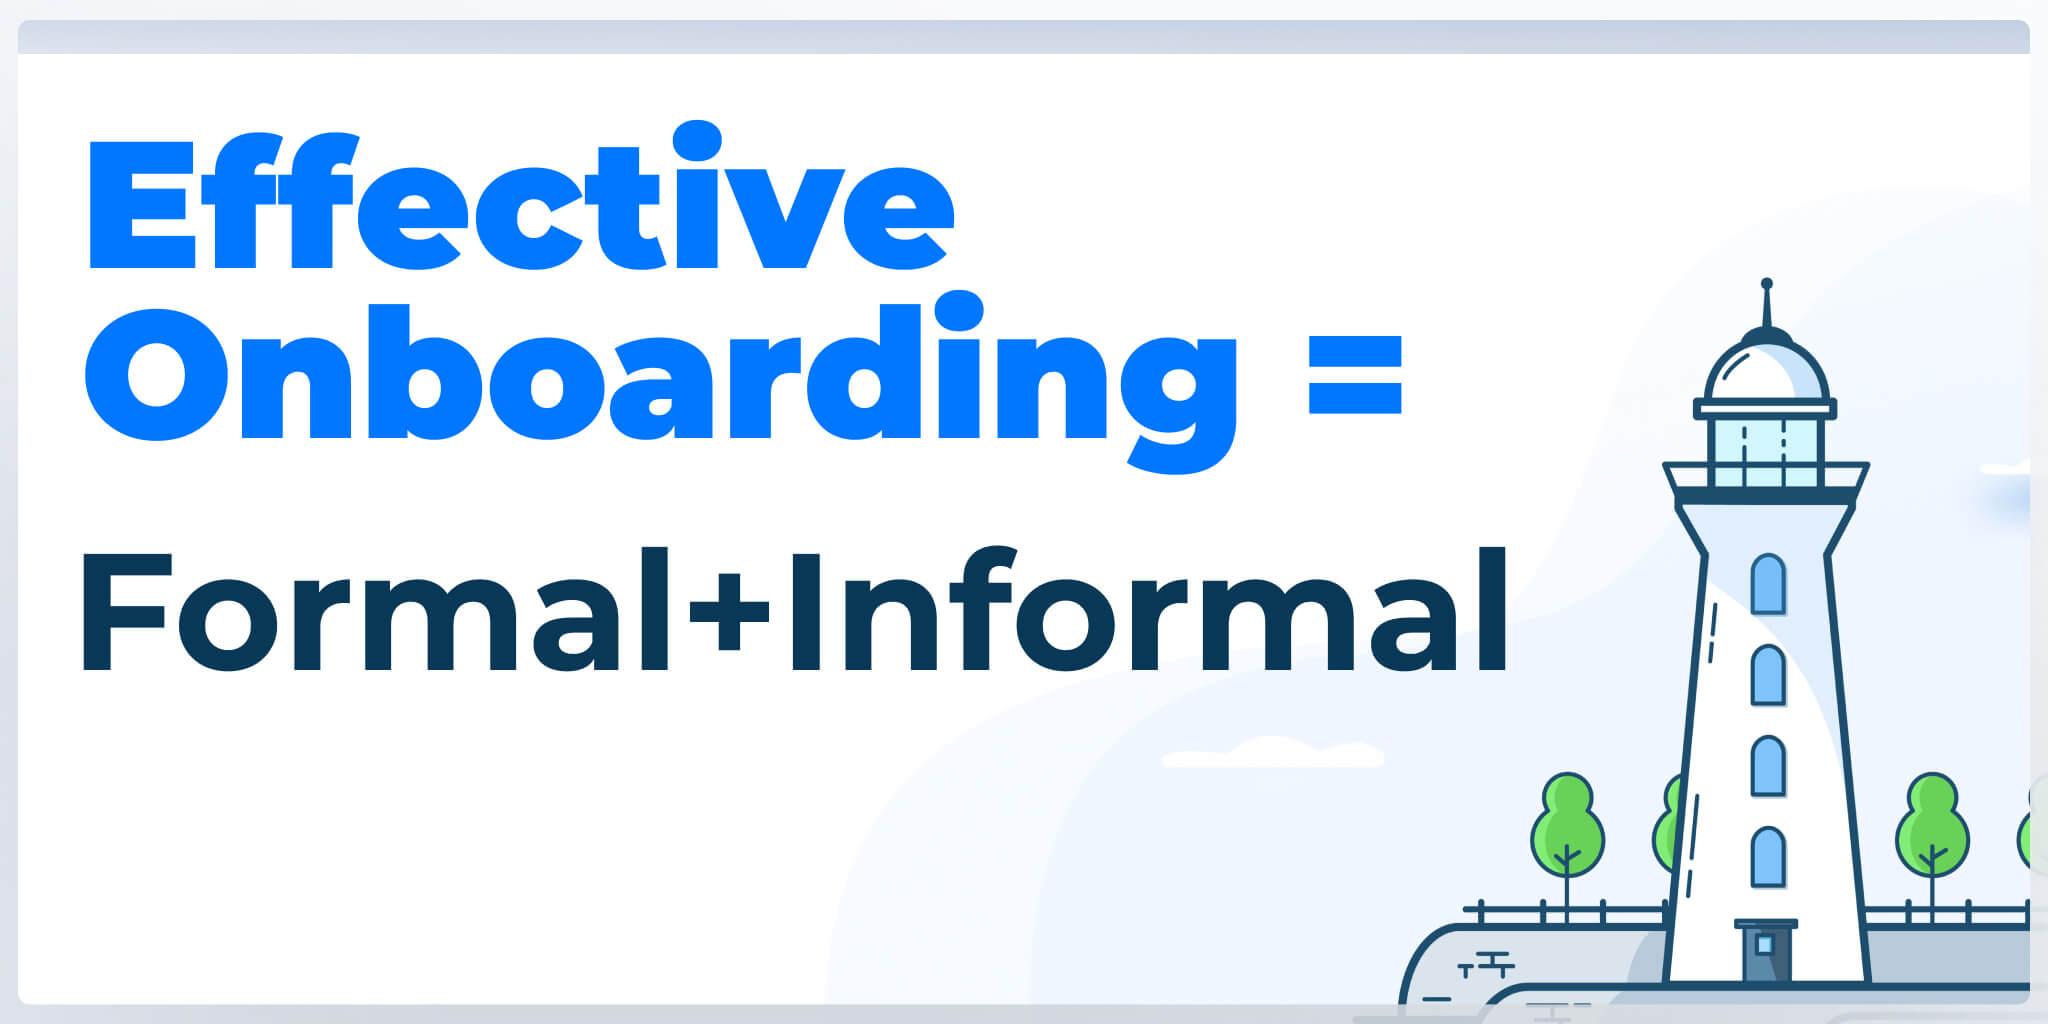 Effective onboarding